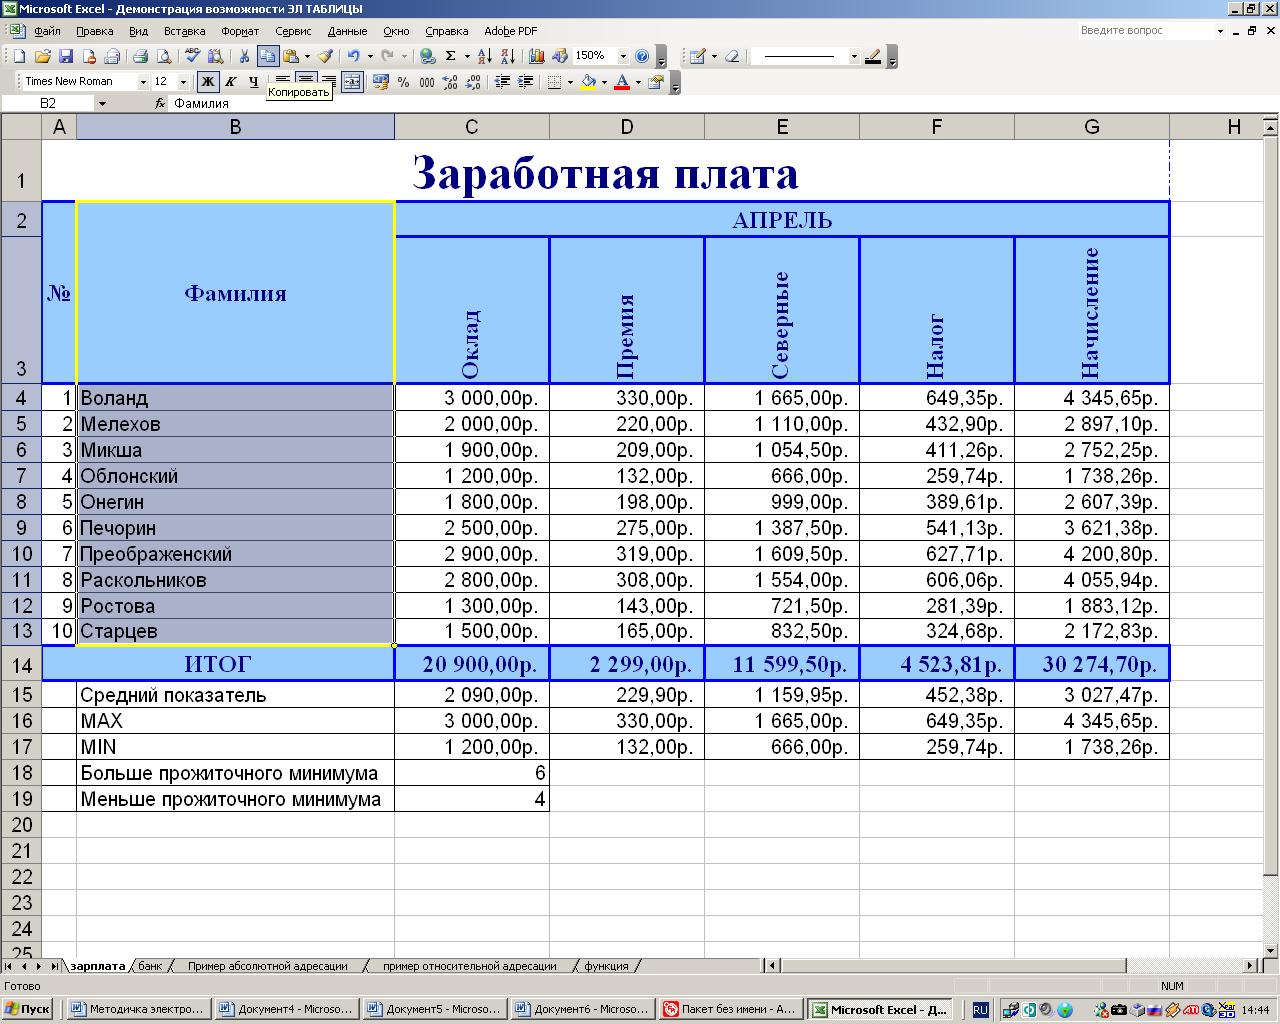 konsolidaciya-dannyh-v-excel-kak-vypolnit-i-kakie-trebovaniya-predyavlyayutsya-k-tablicam